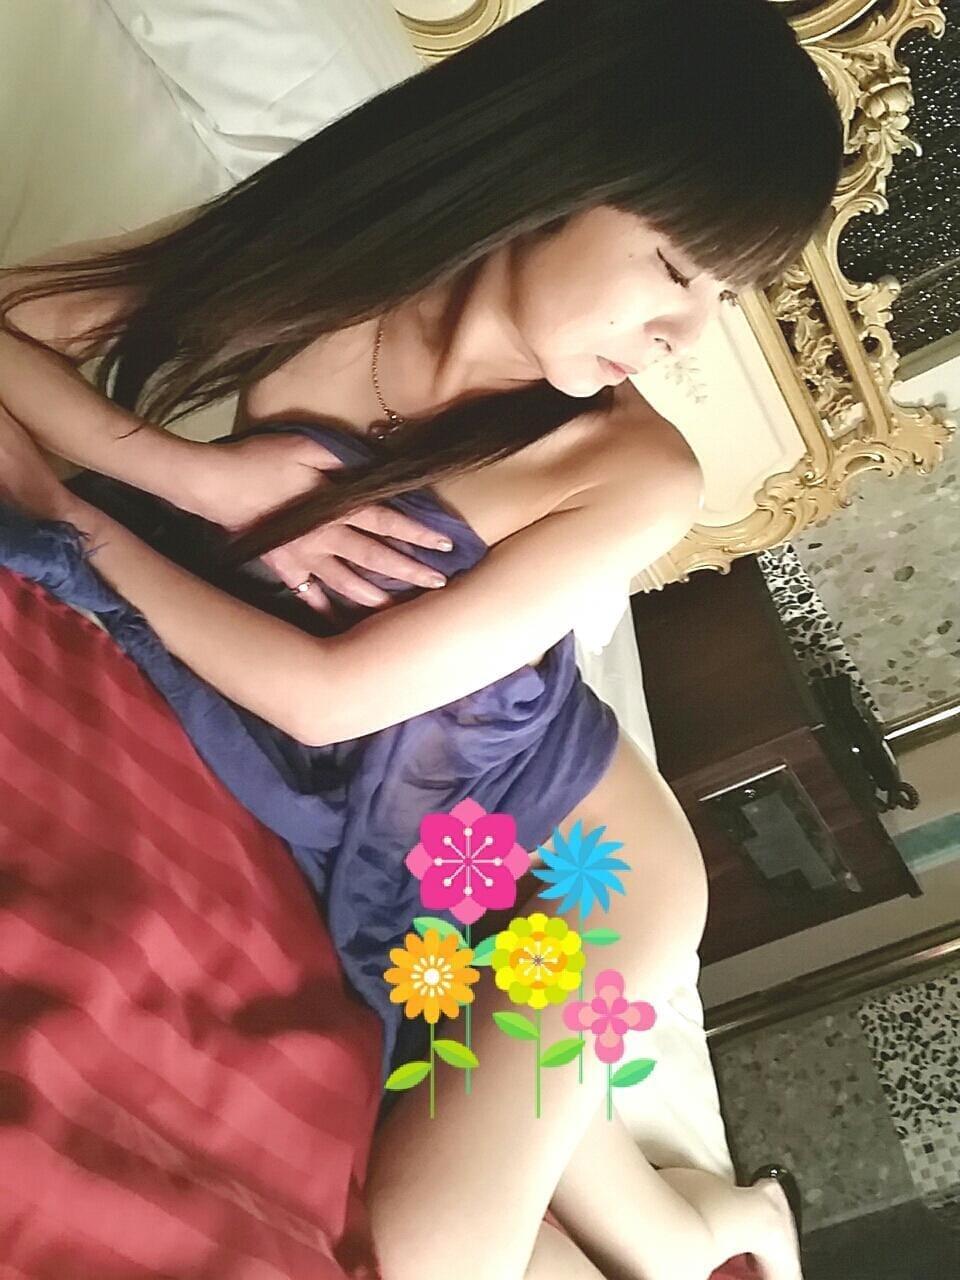 「眠い…」01/24(木) 03:20 | かおりの写メ・風俗動画